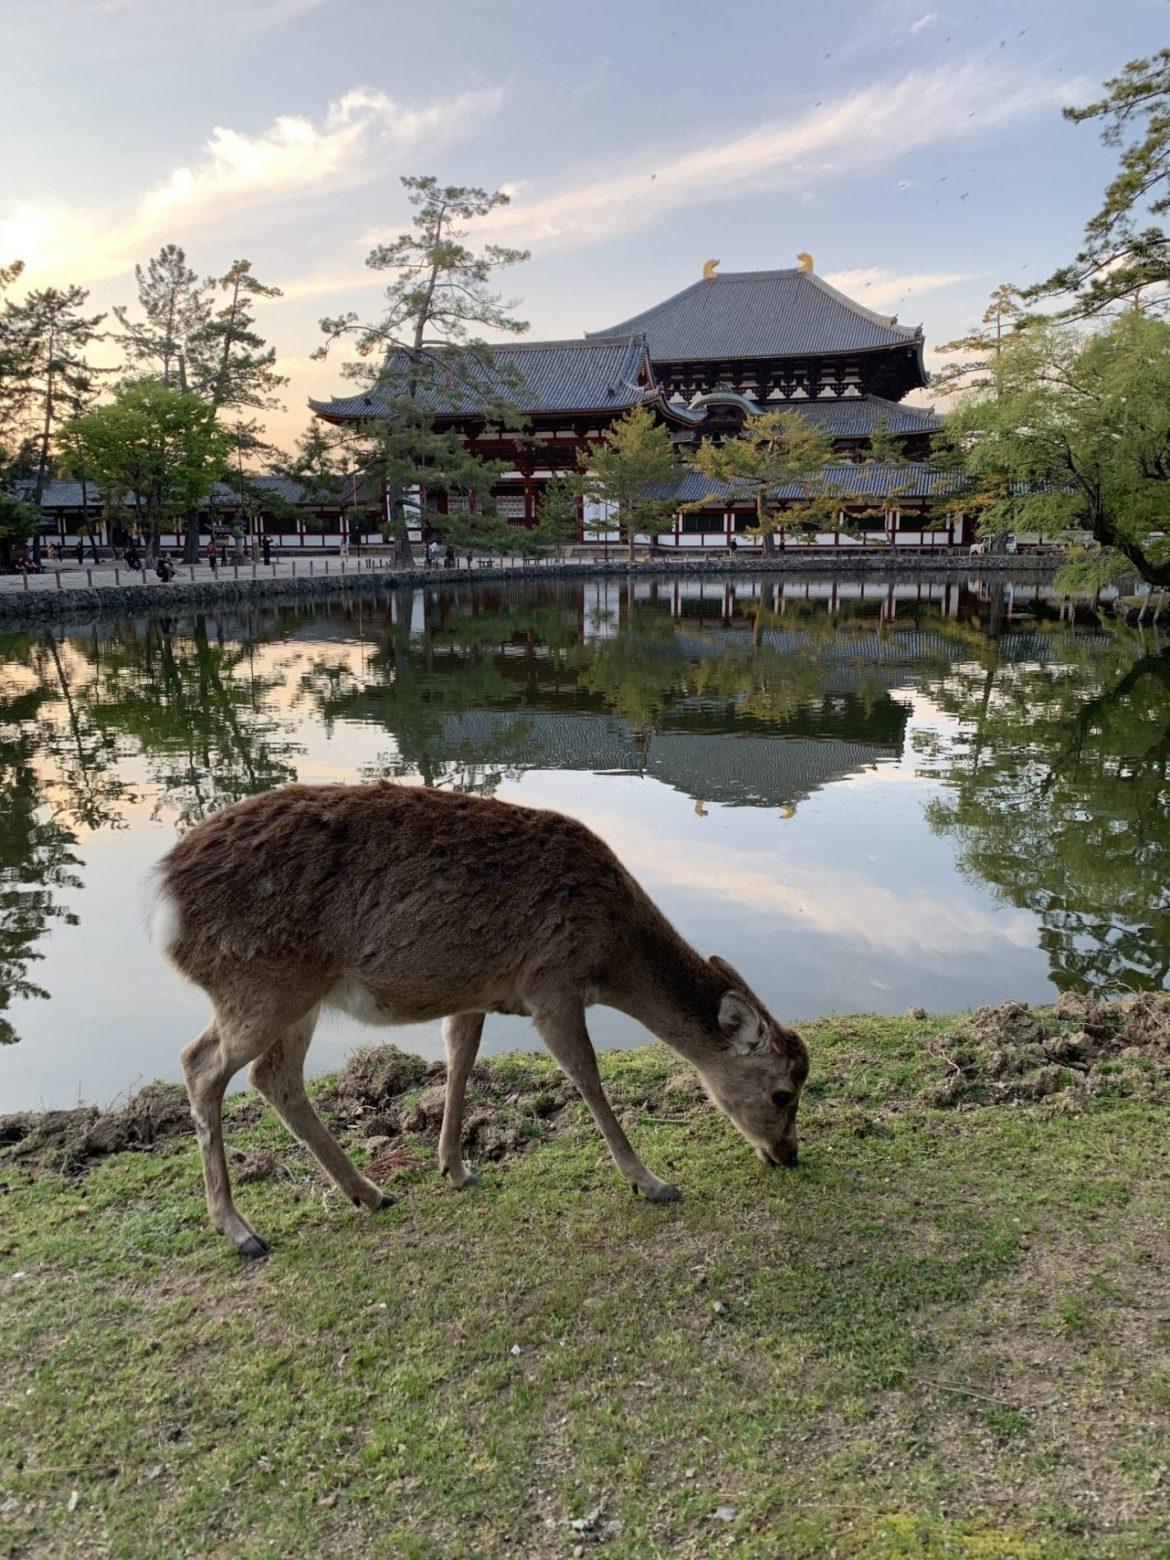 Visiting Nara – a perfect day trip from Kyoto